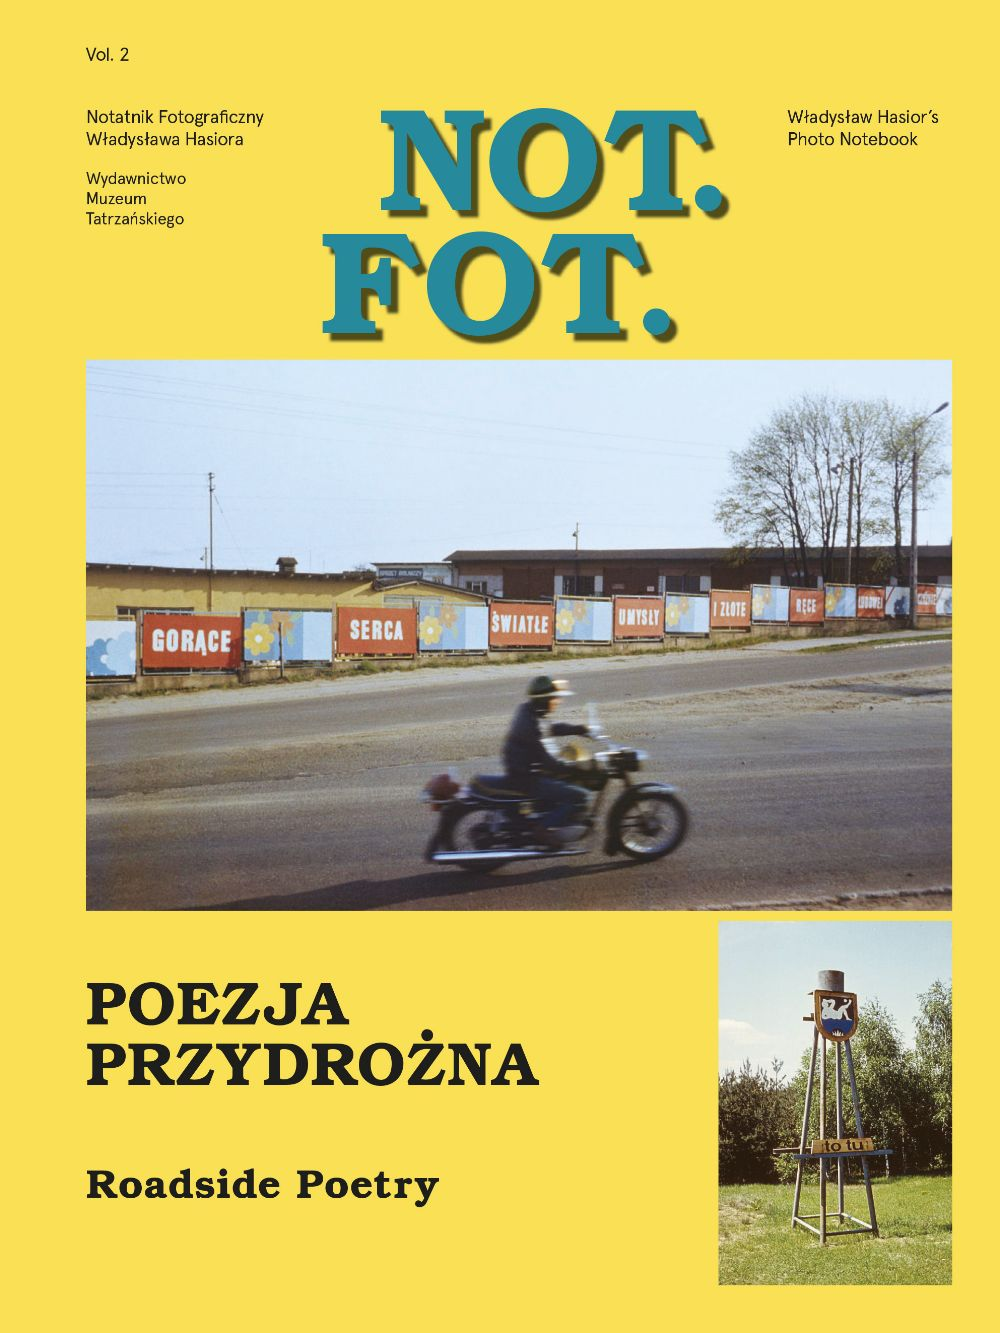 NOT.FOT. NOTATNIK FOTOGRAFICZNY WŁADYSŁAWA HASIORA VOL. 2